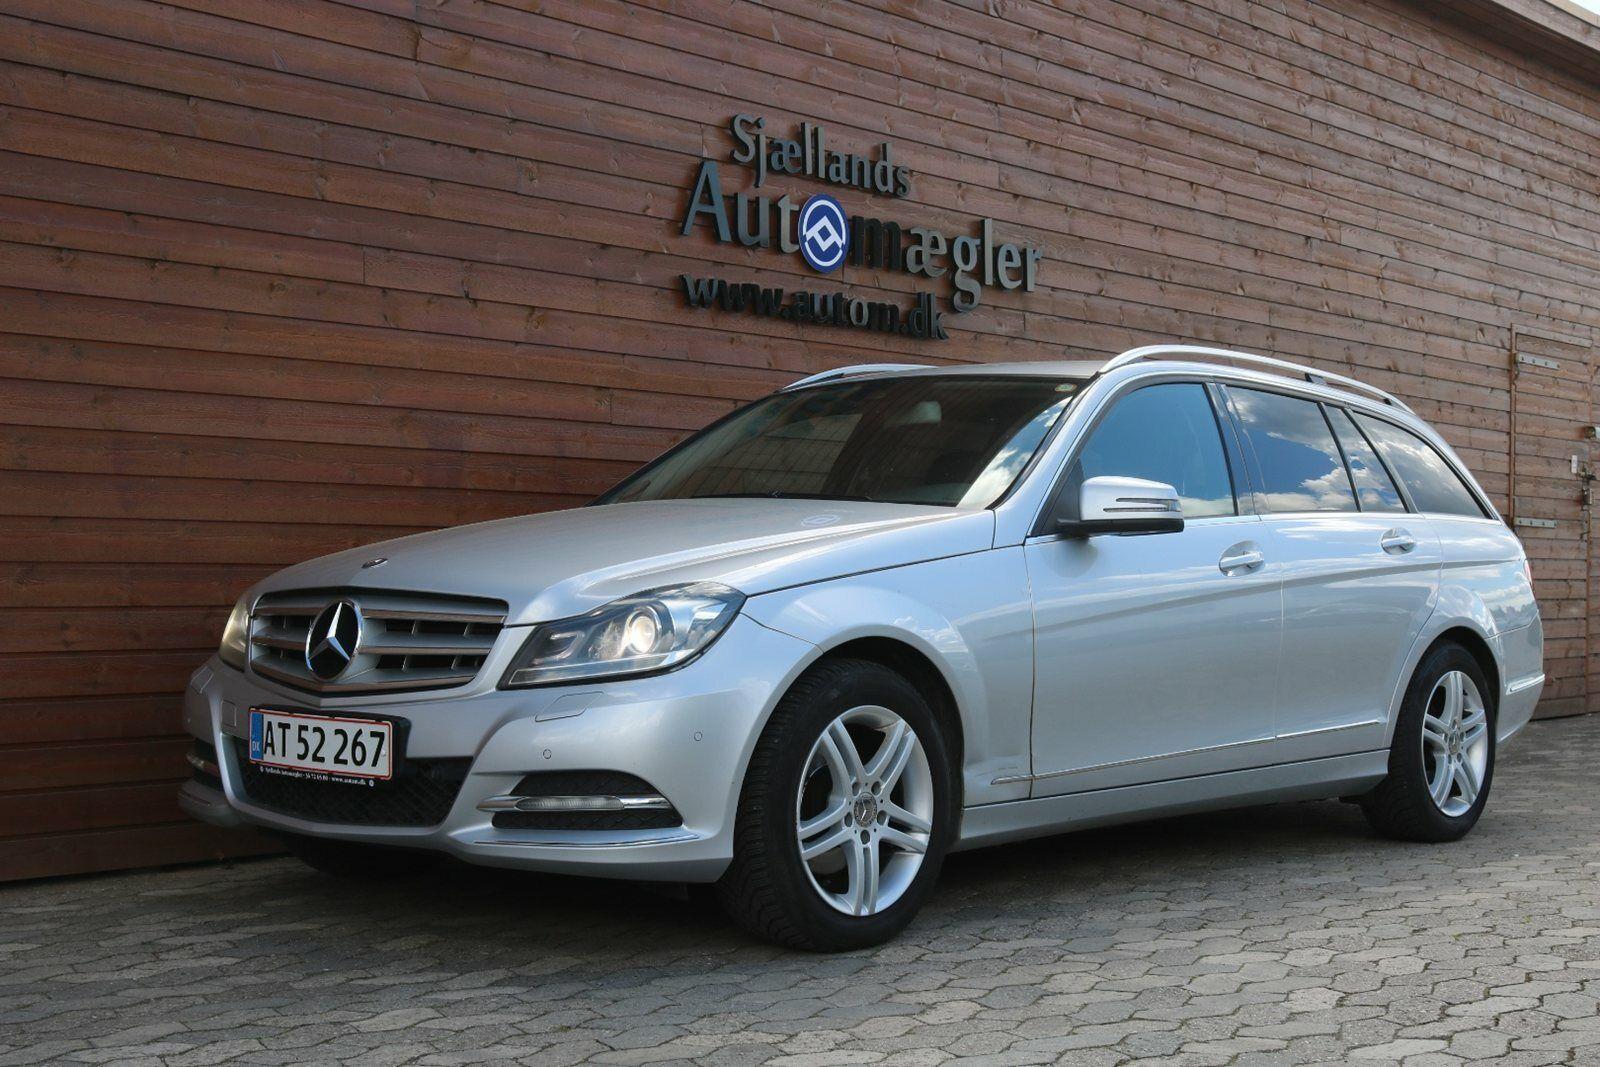 Mercedes C200 2,2 CDi Avantgarde stc. aut. BE 5d - 165.000 kr.